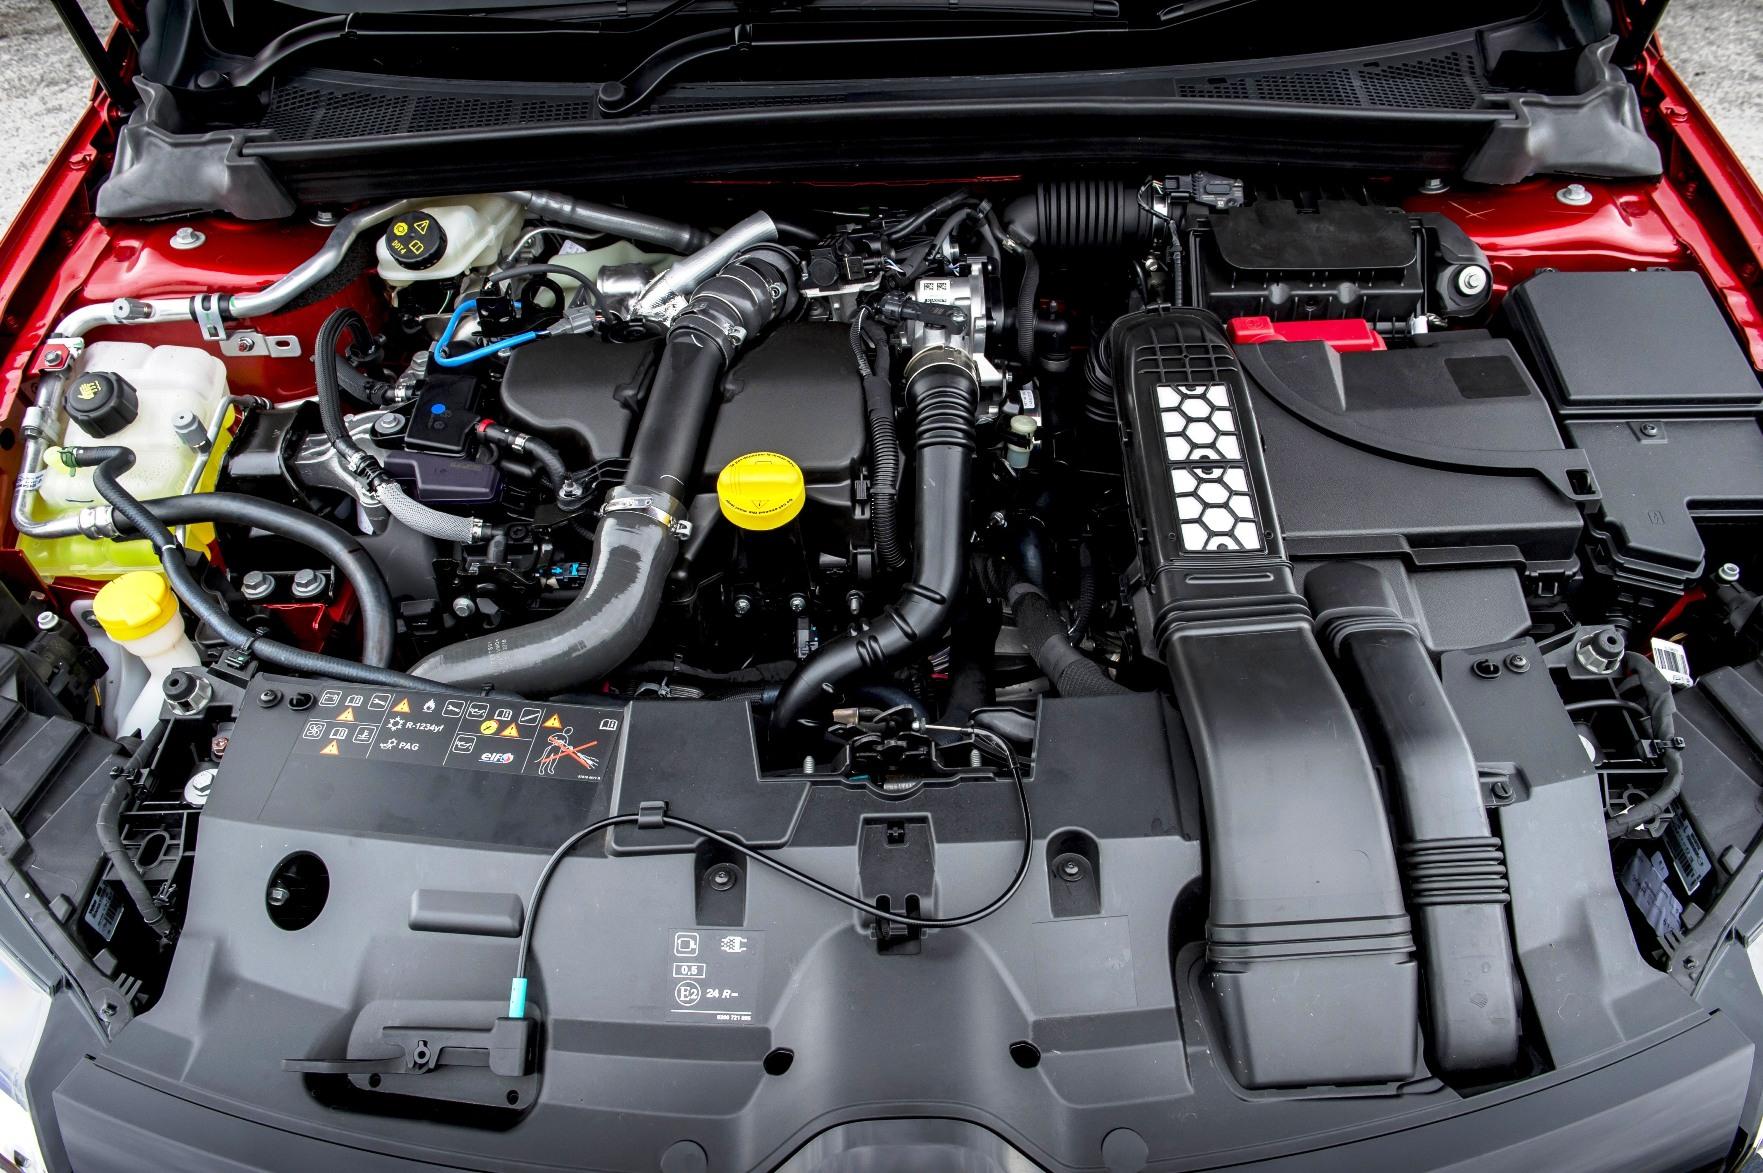 new-renault-megane-1-5-dci-110hp-fuel-frugal-diesel-engine